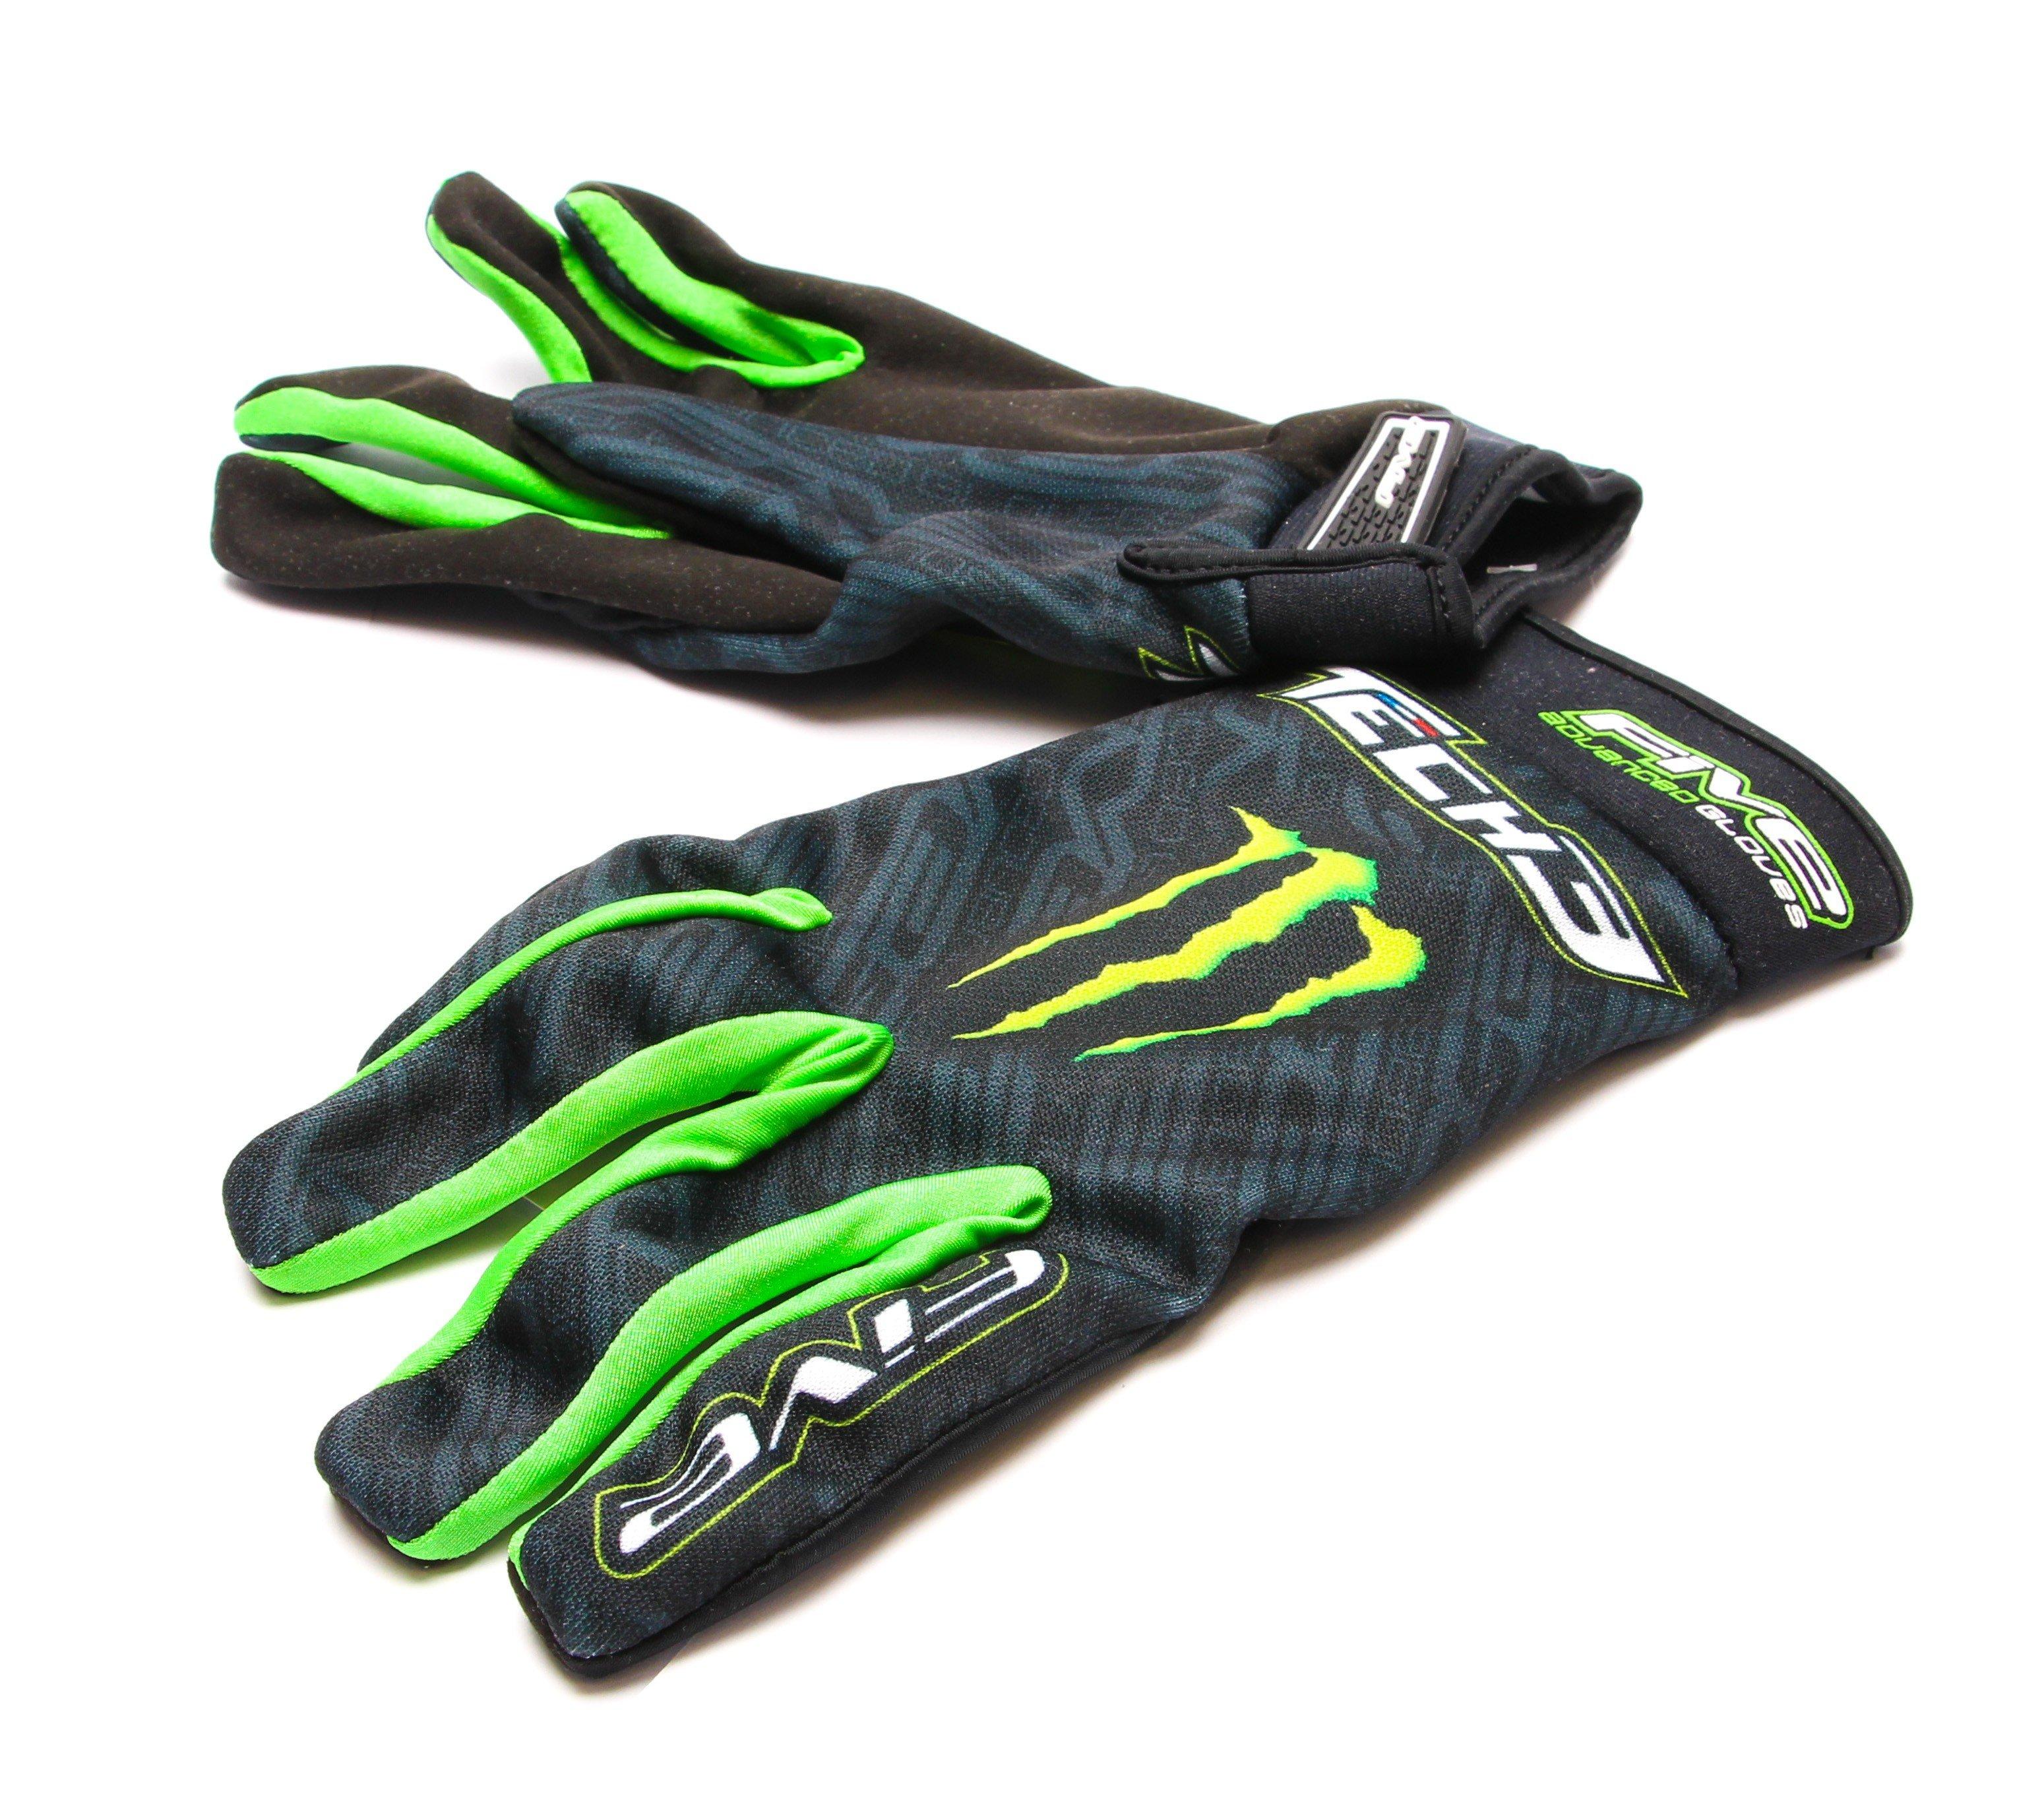 Motocyklové rukavice FIVE Planet Tech 3/Monster (černo/zelené) XXL